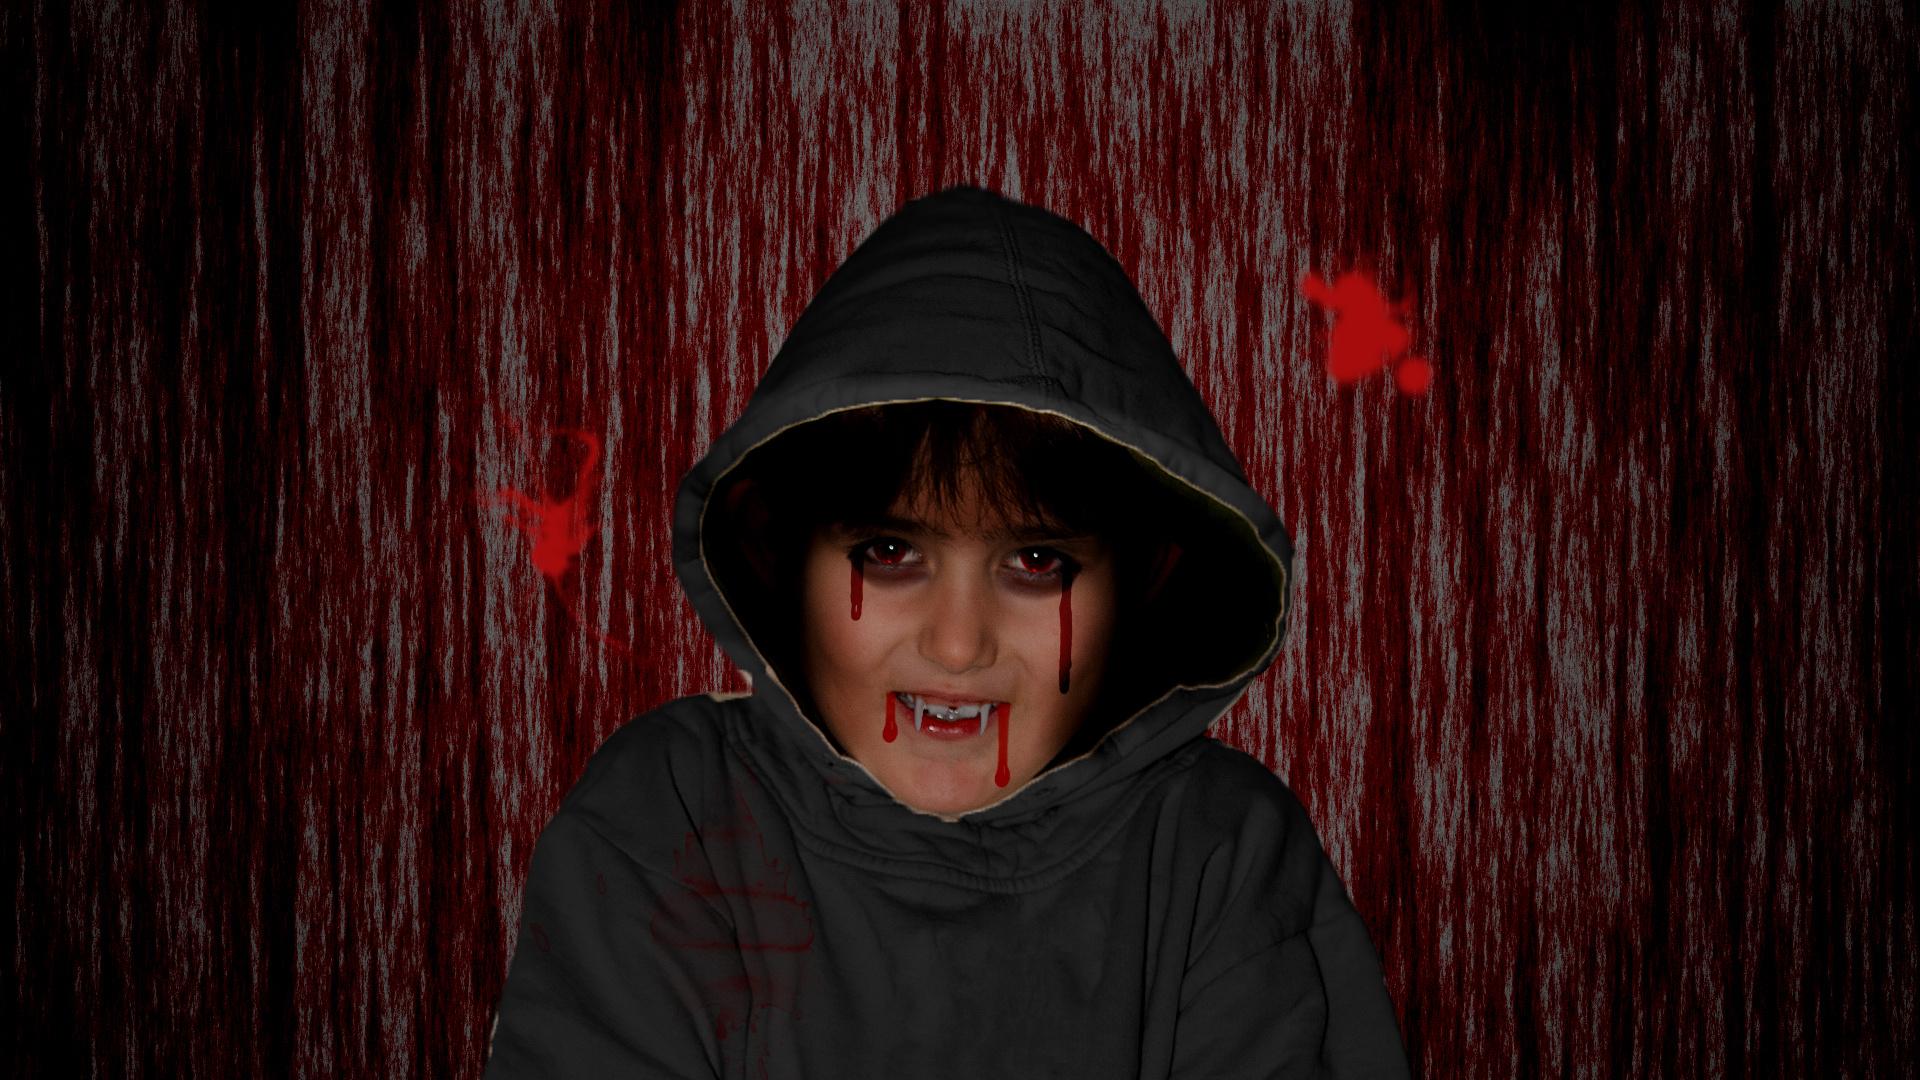 Vampir an Halloween